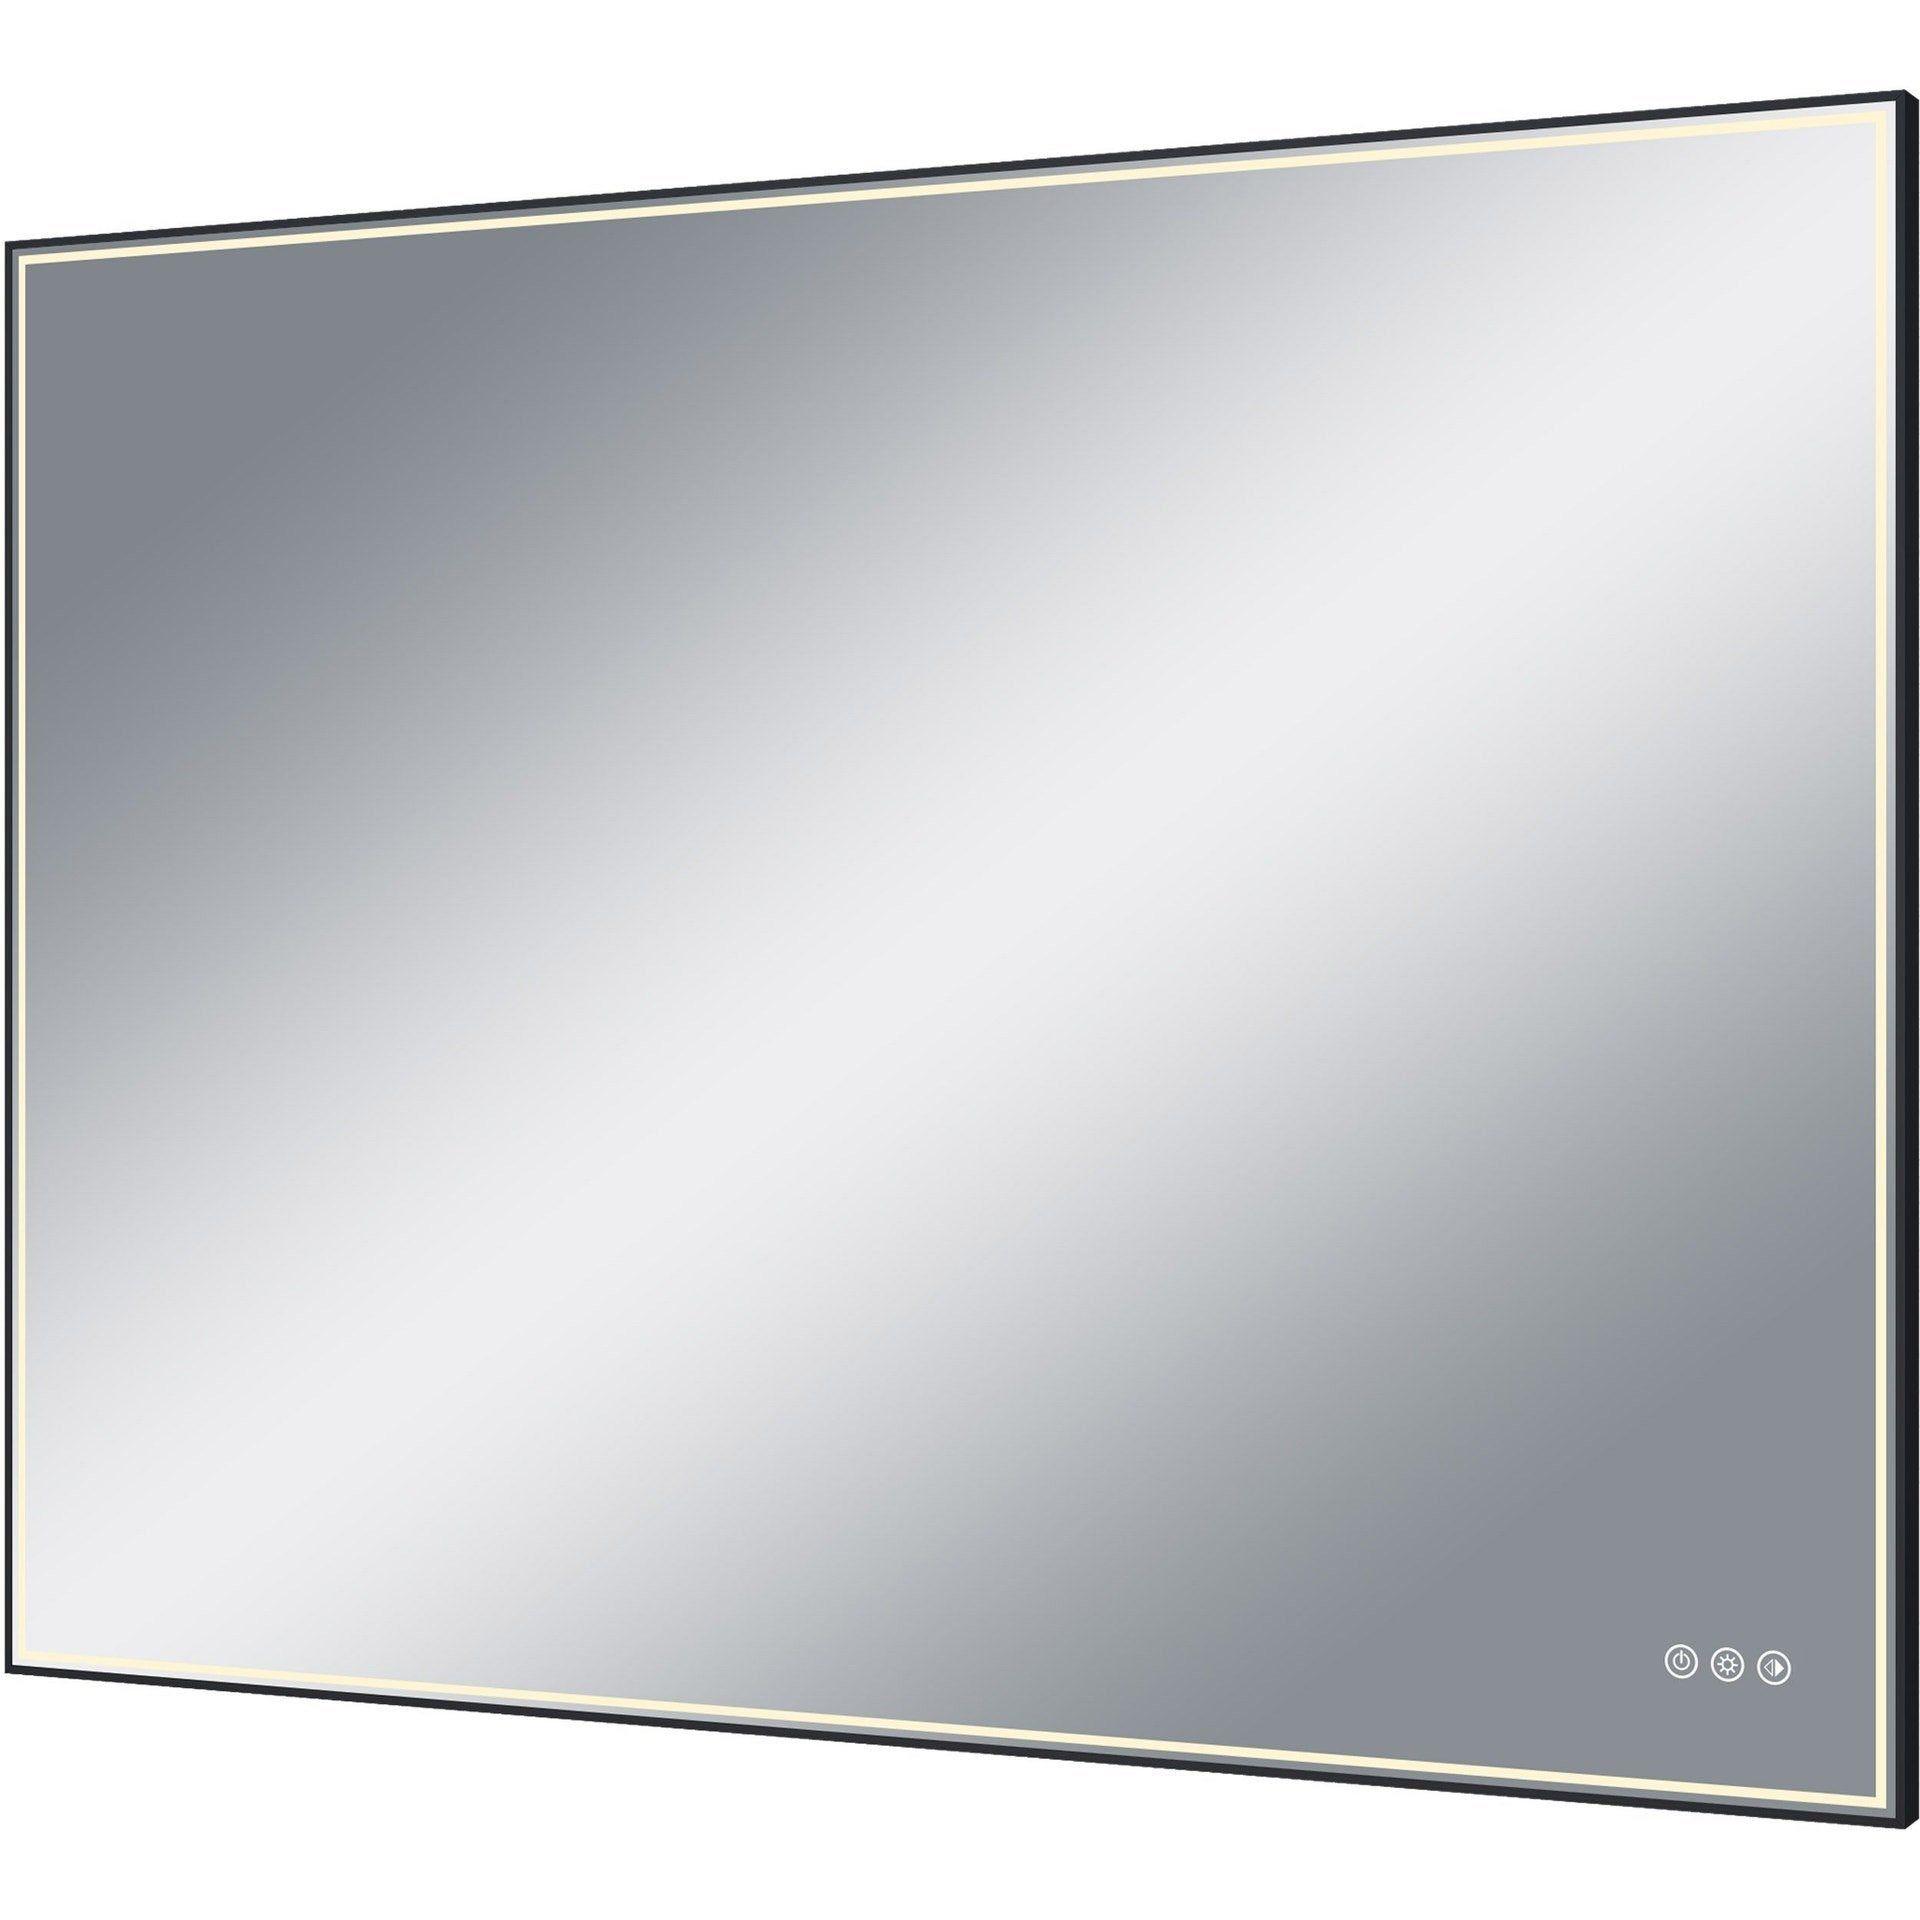 Miroir Lumineux Avec Eclairage Integre L 120 X H 90 Cm Neo Miroir Lumineux Eclairage Miroir